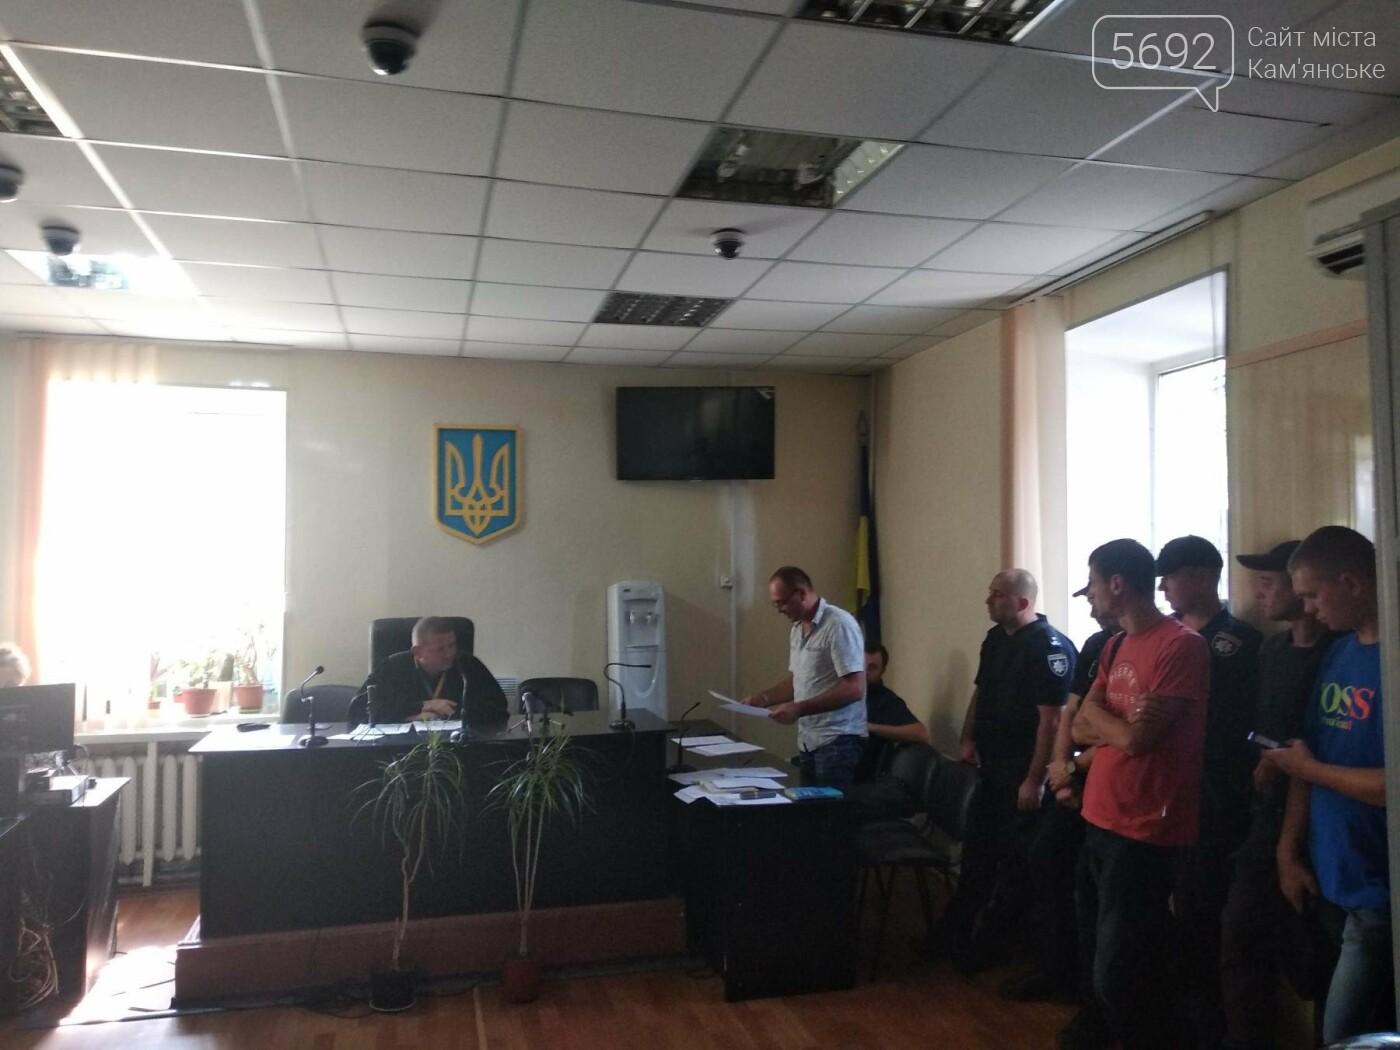 Дело об избиении врача: в Каменском за хулиганство суд избрал меру пресечения для Евгения Найды, фото-7